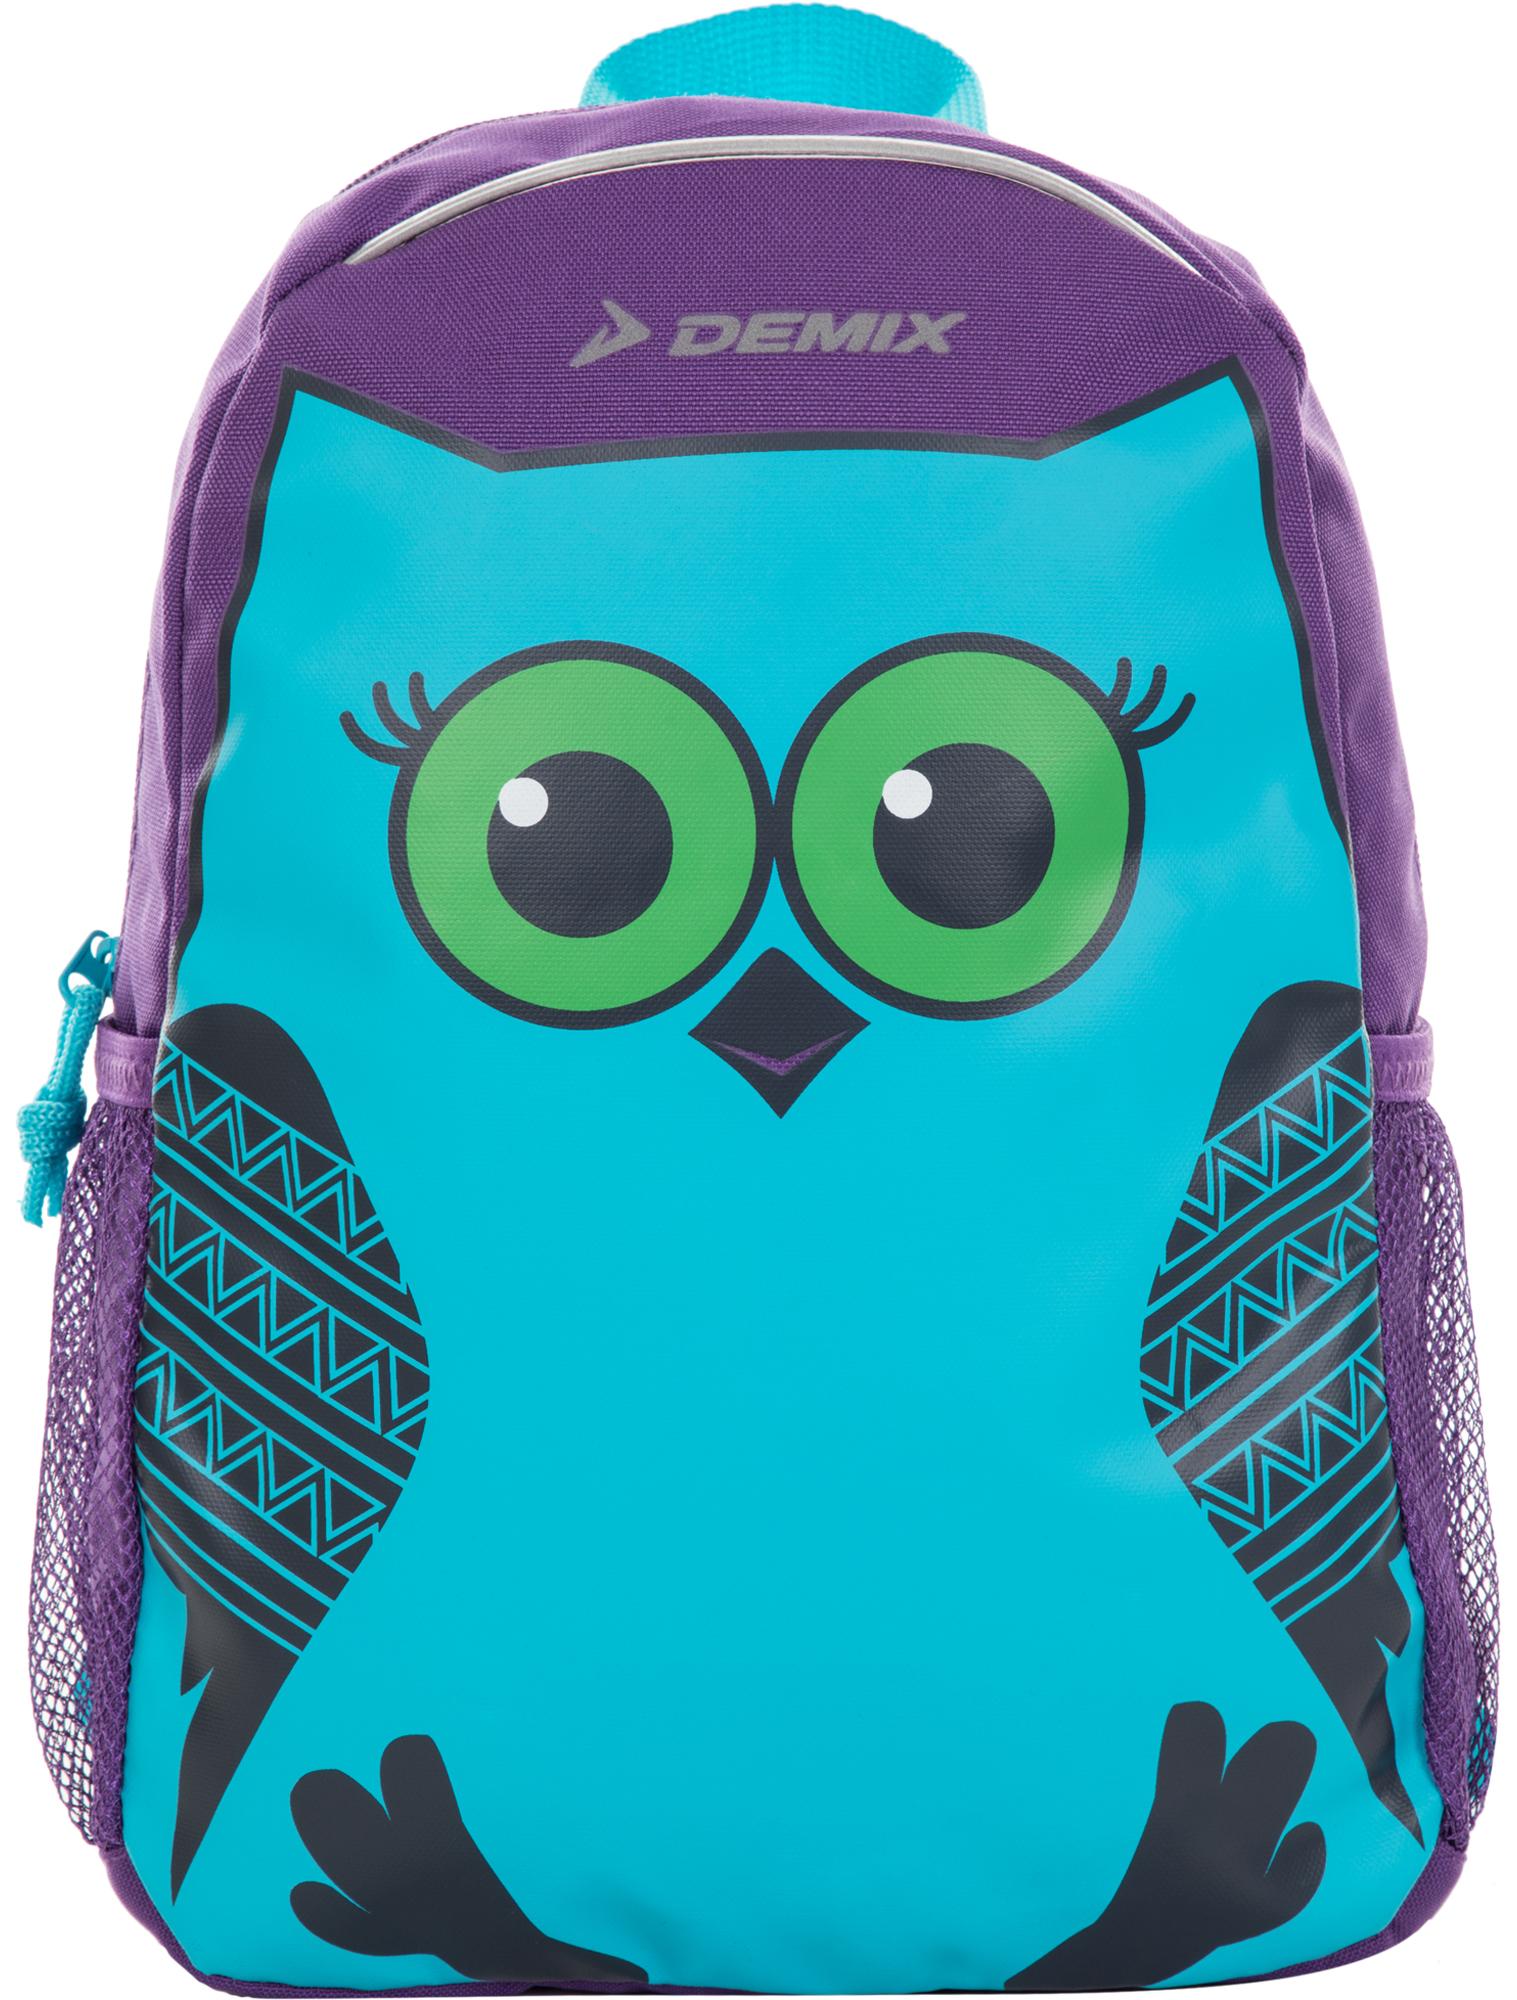 Demix Рюкзак для девочек Demix, размер Без размера demix капа demix размер без размера